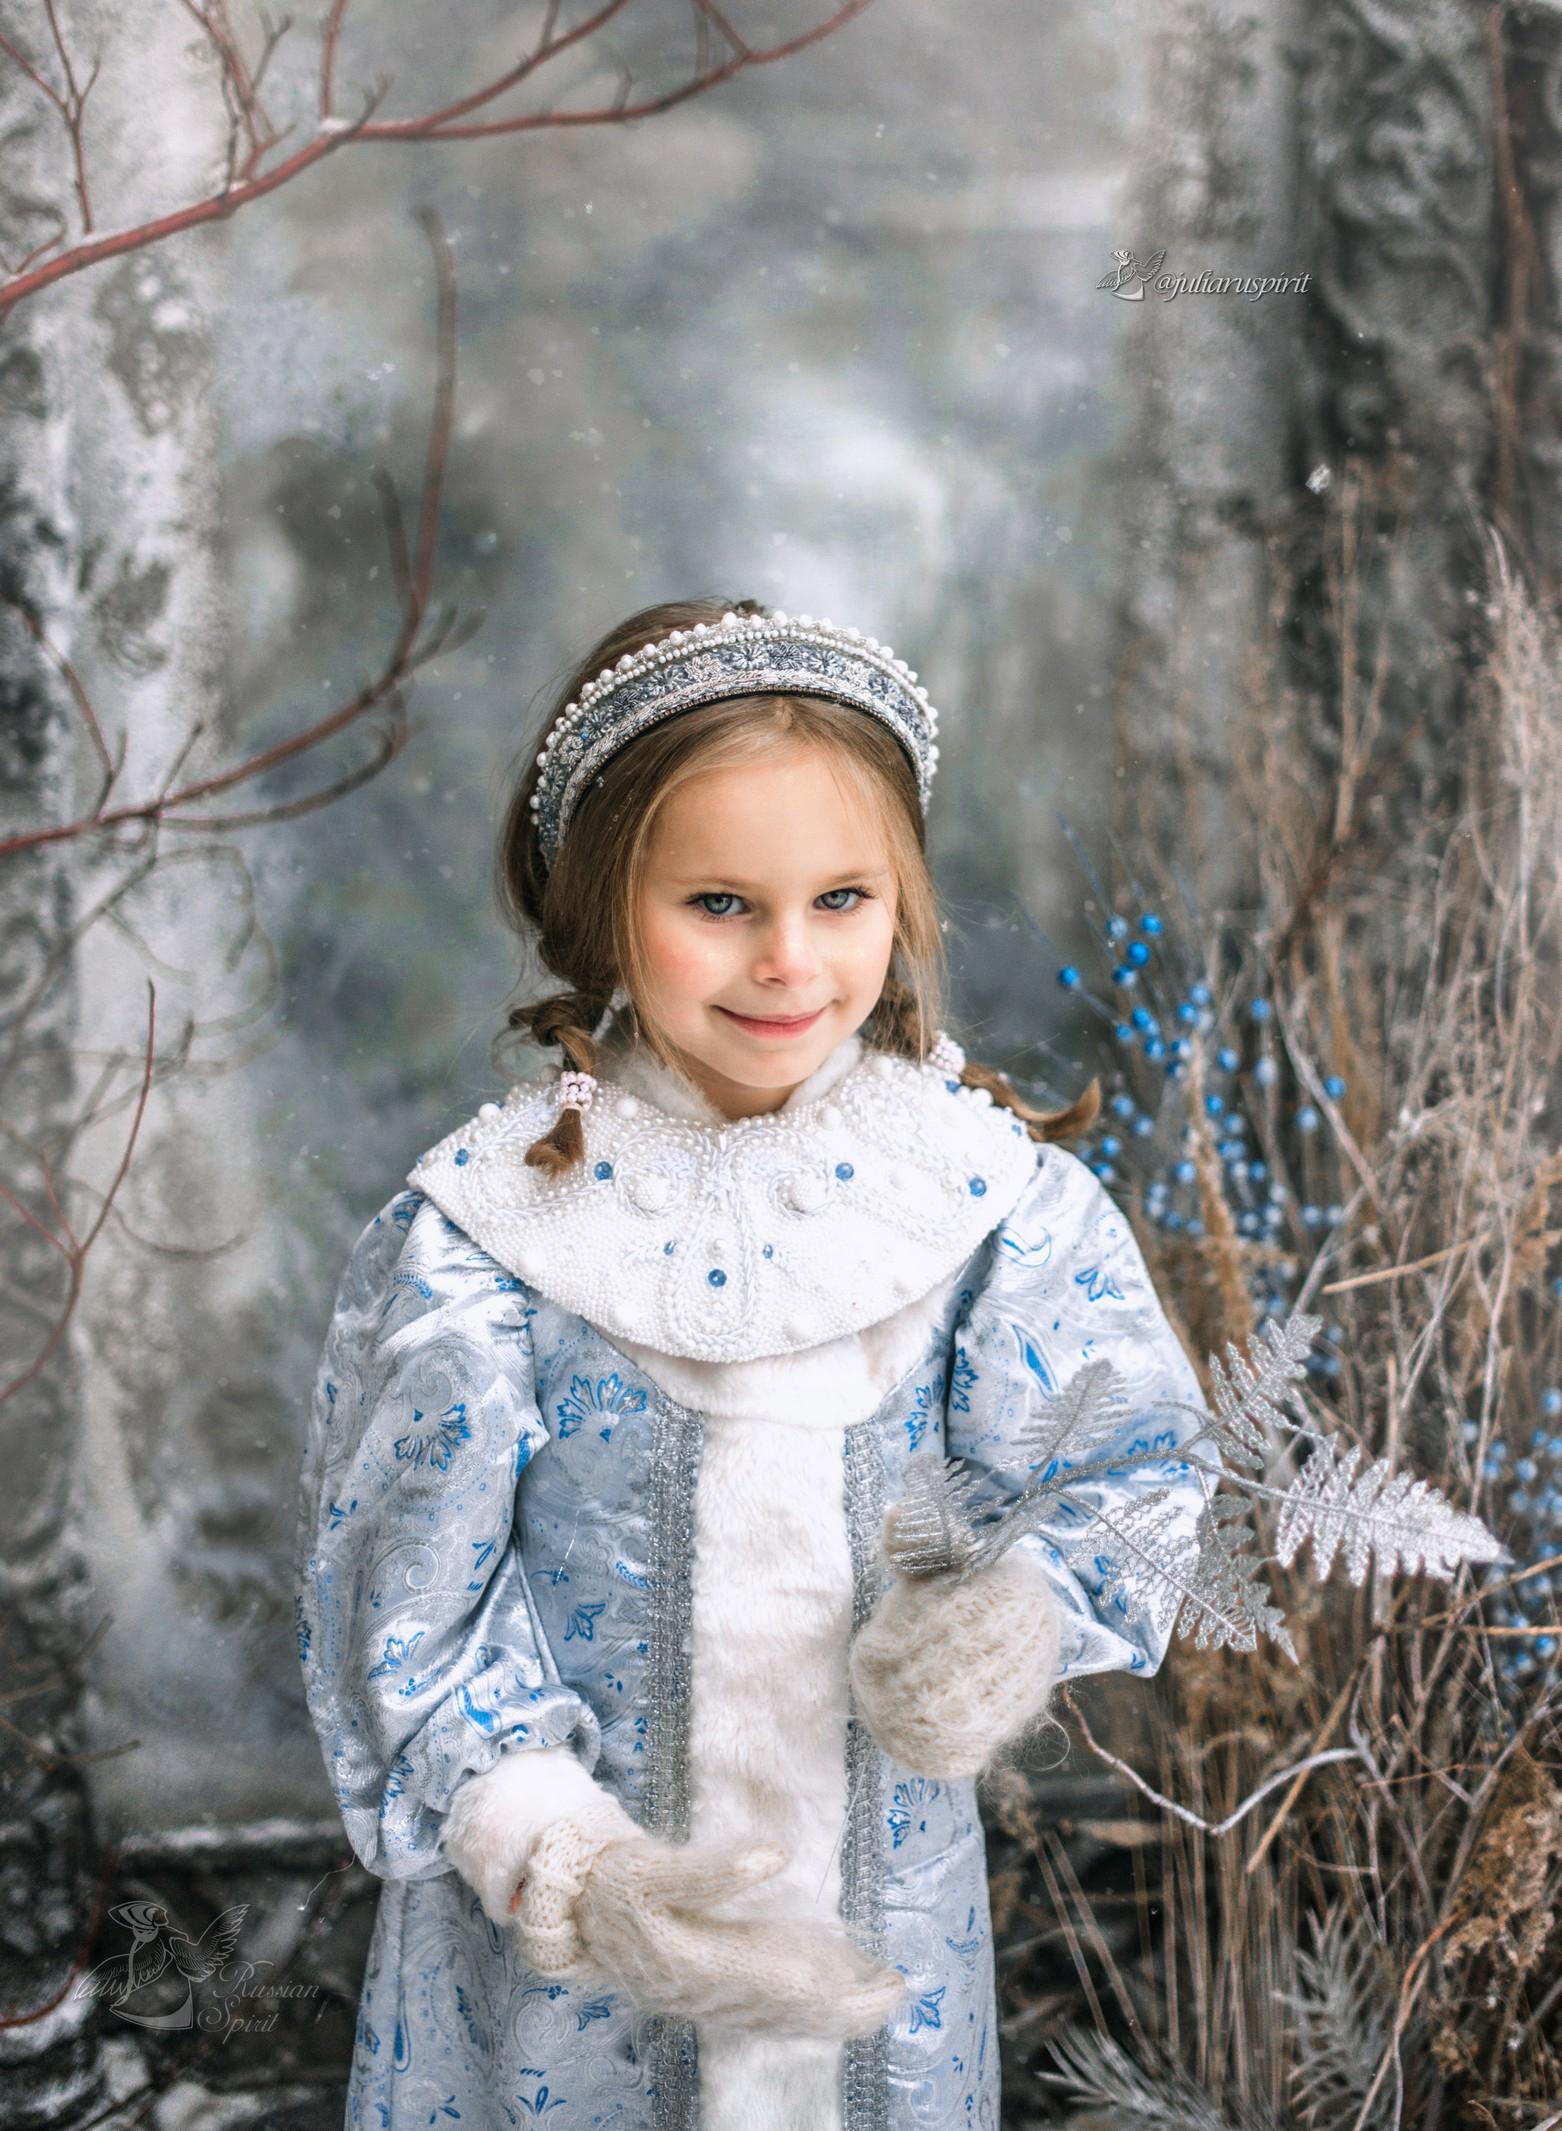 Снегурочка - фотосессия в сказочных костюмах